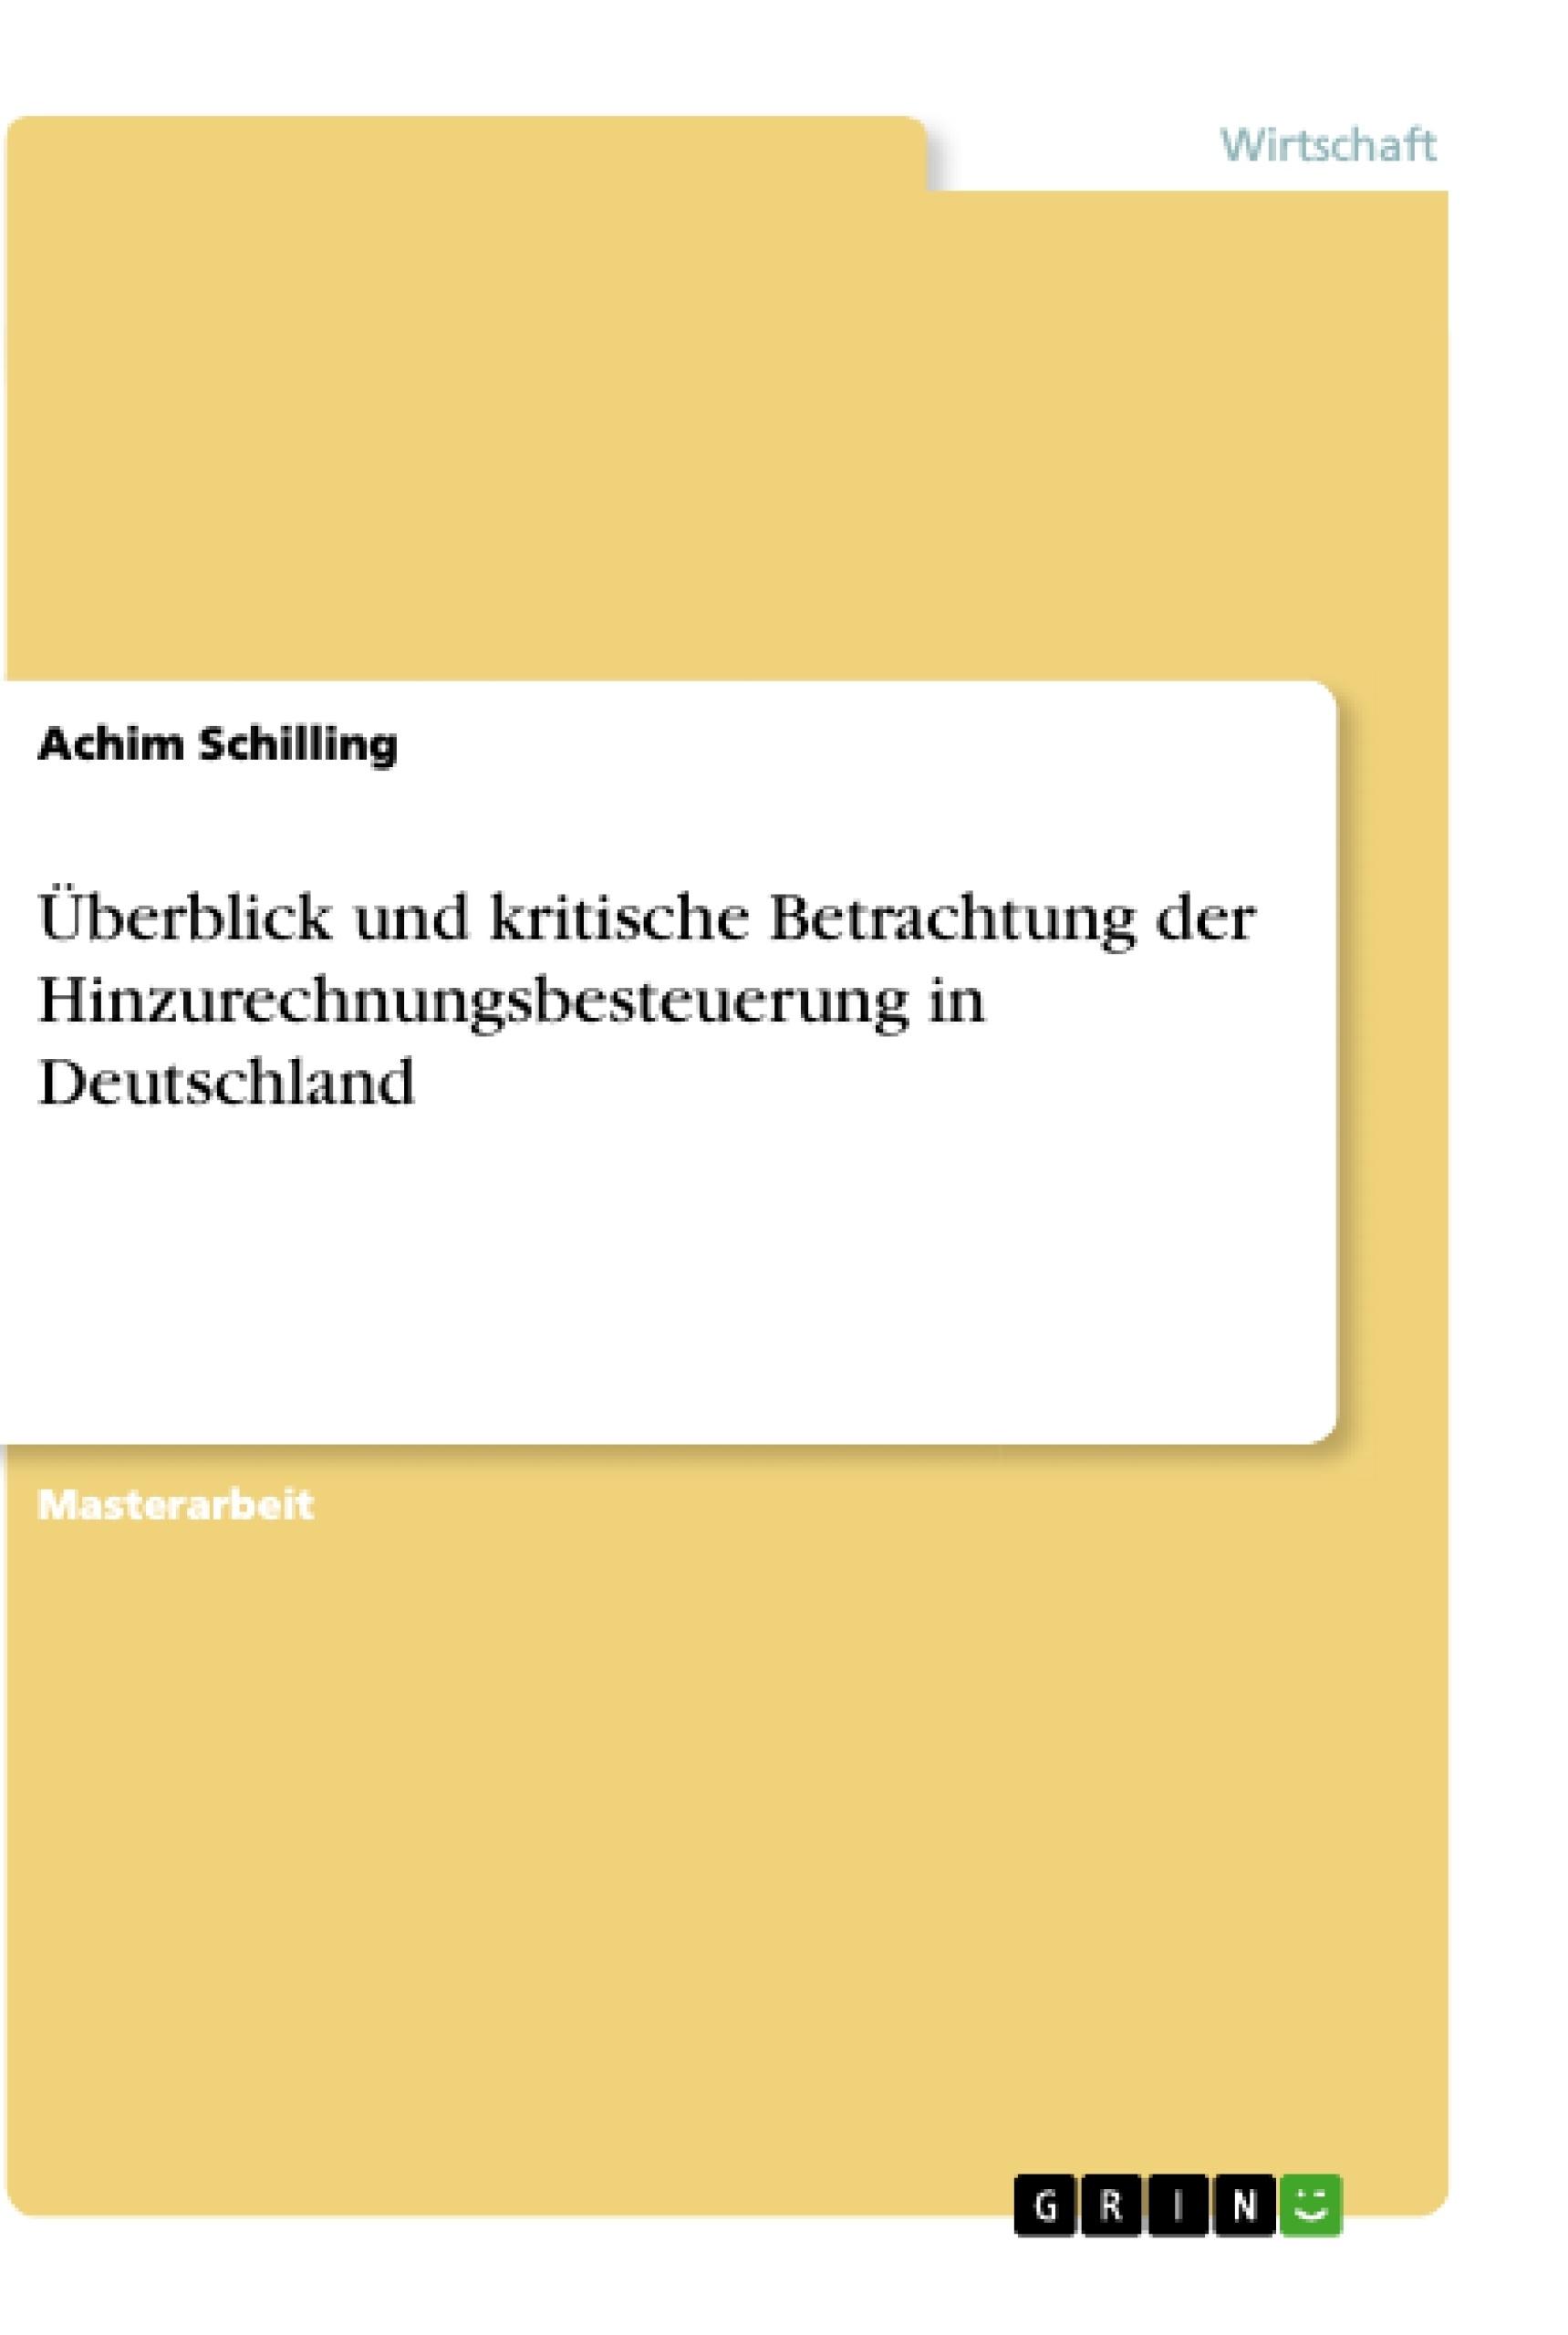 Titel: Überblick und kritische Betrachtung der Hinzurechnungsbesteuerung in Deutschland